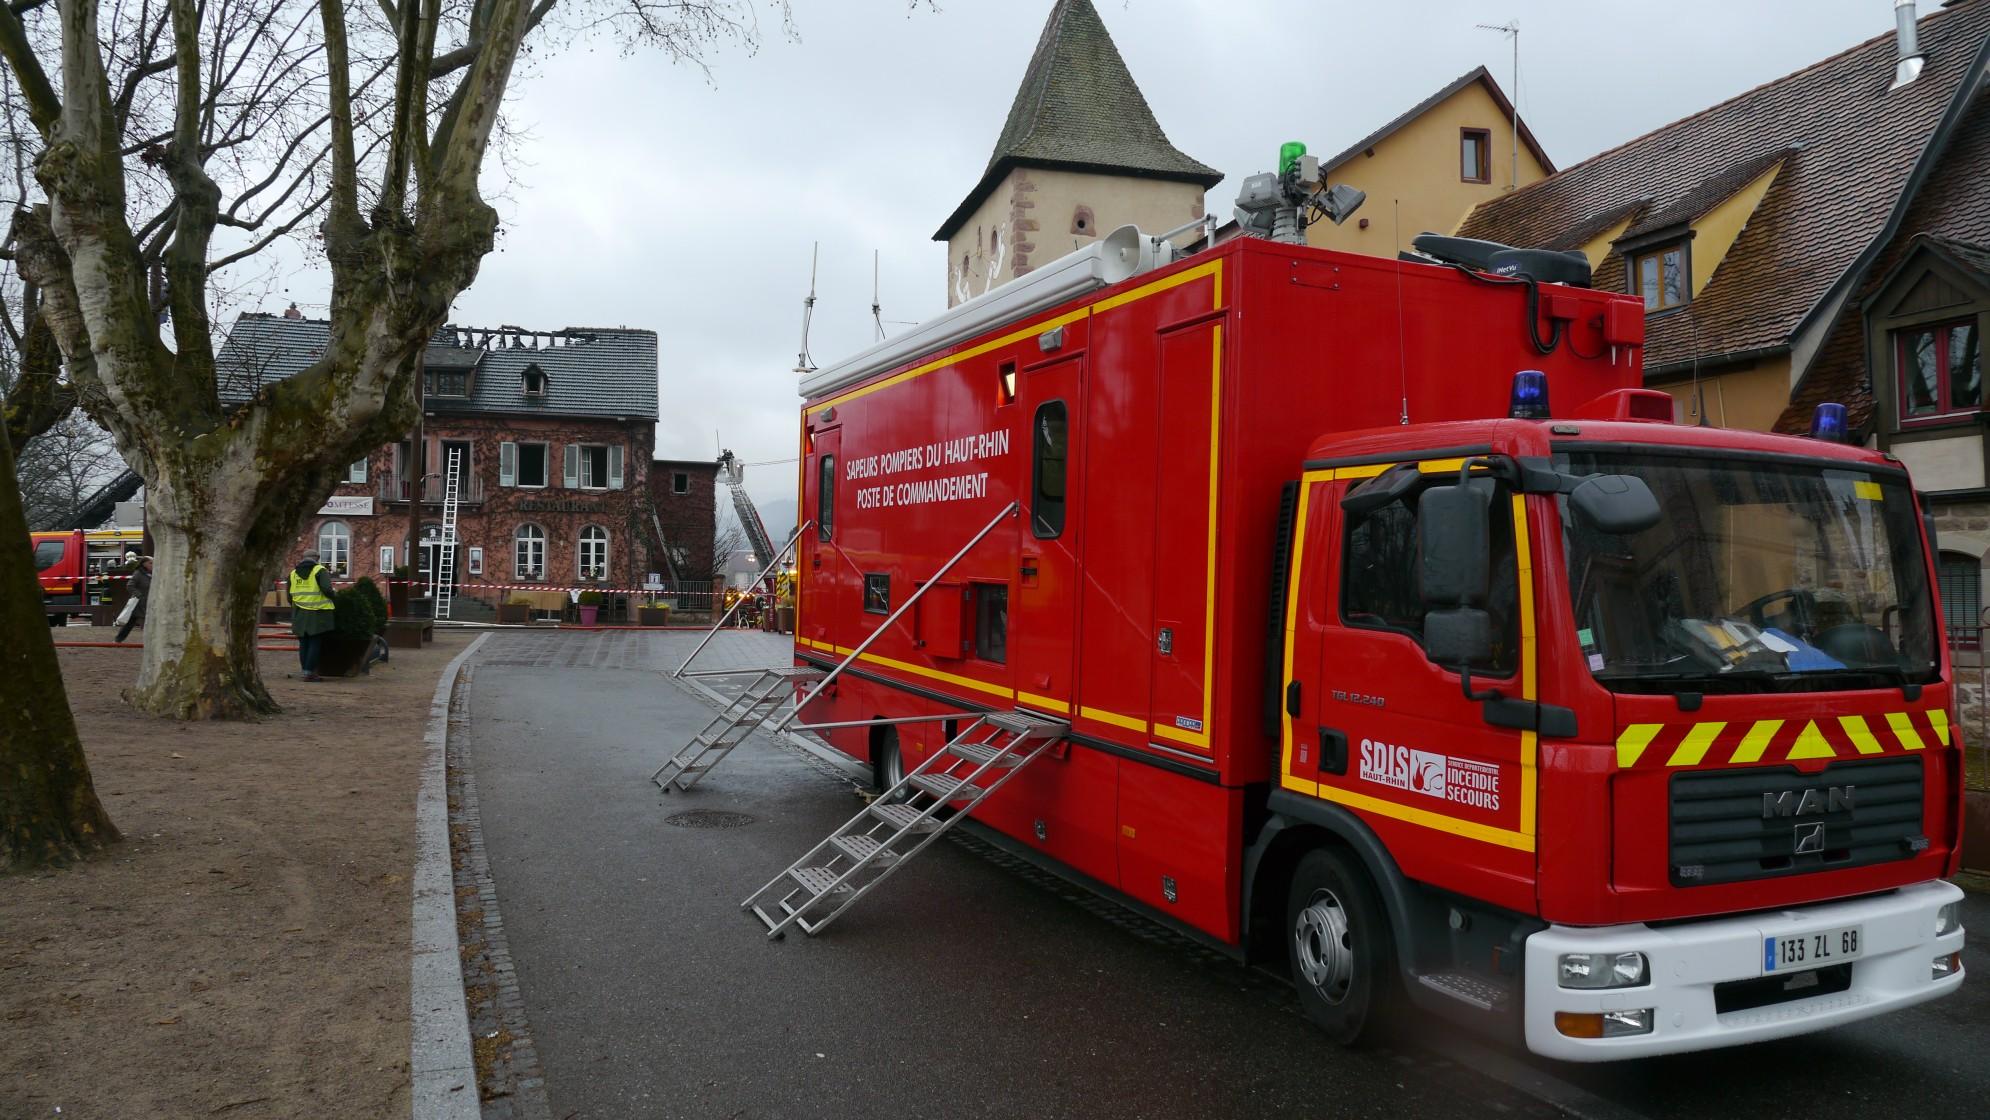 V hicules des pompiers fran ais page 1844 auto titre for Garage flagez montigny le roi incendie